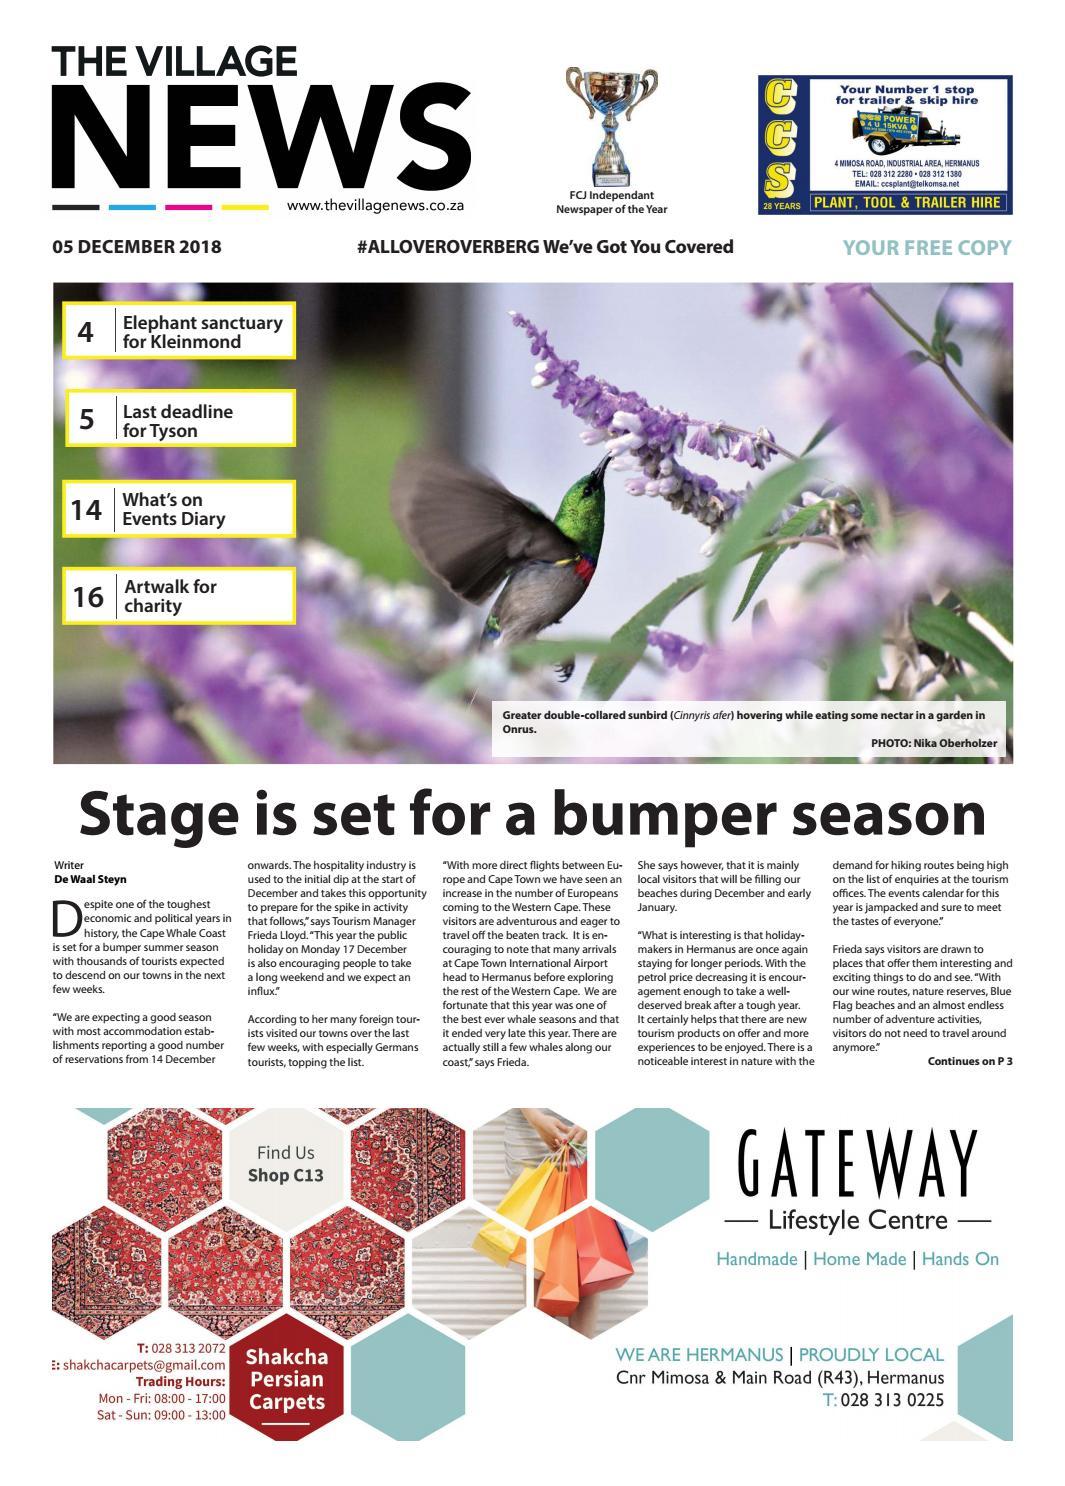 The Village NEWS 5 Dec - 11 Dec 2018 by The Village NEWS - issuu